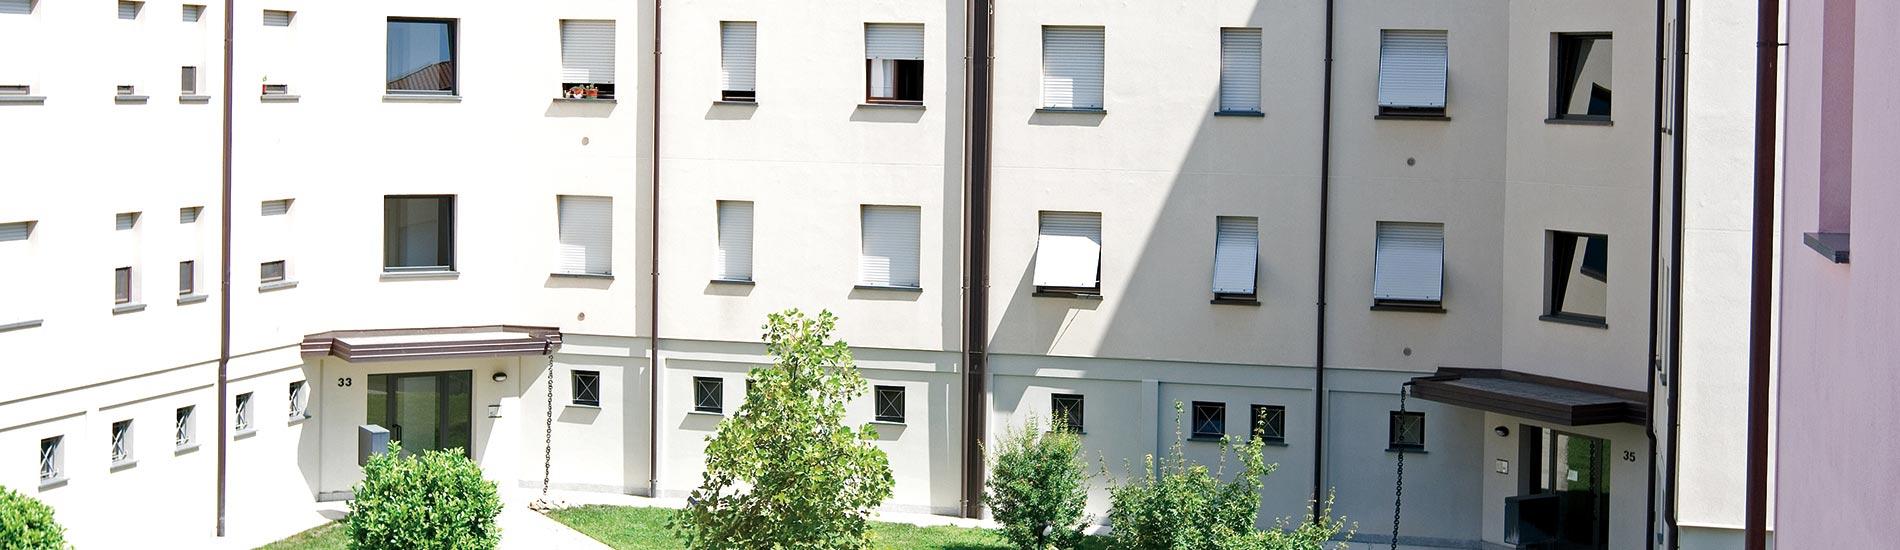 Isolamento acustico mazzini serramenti - Isolamento acustico finestre ...